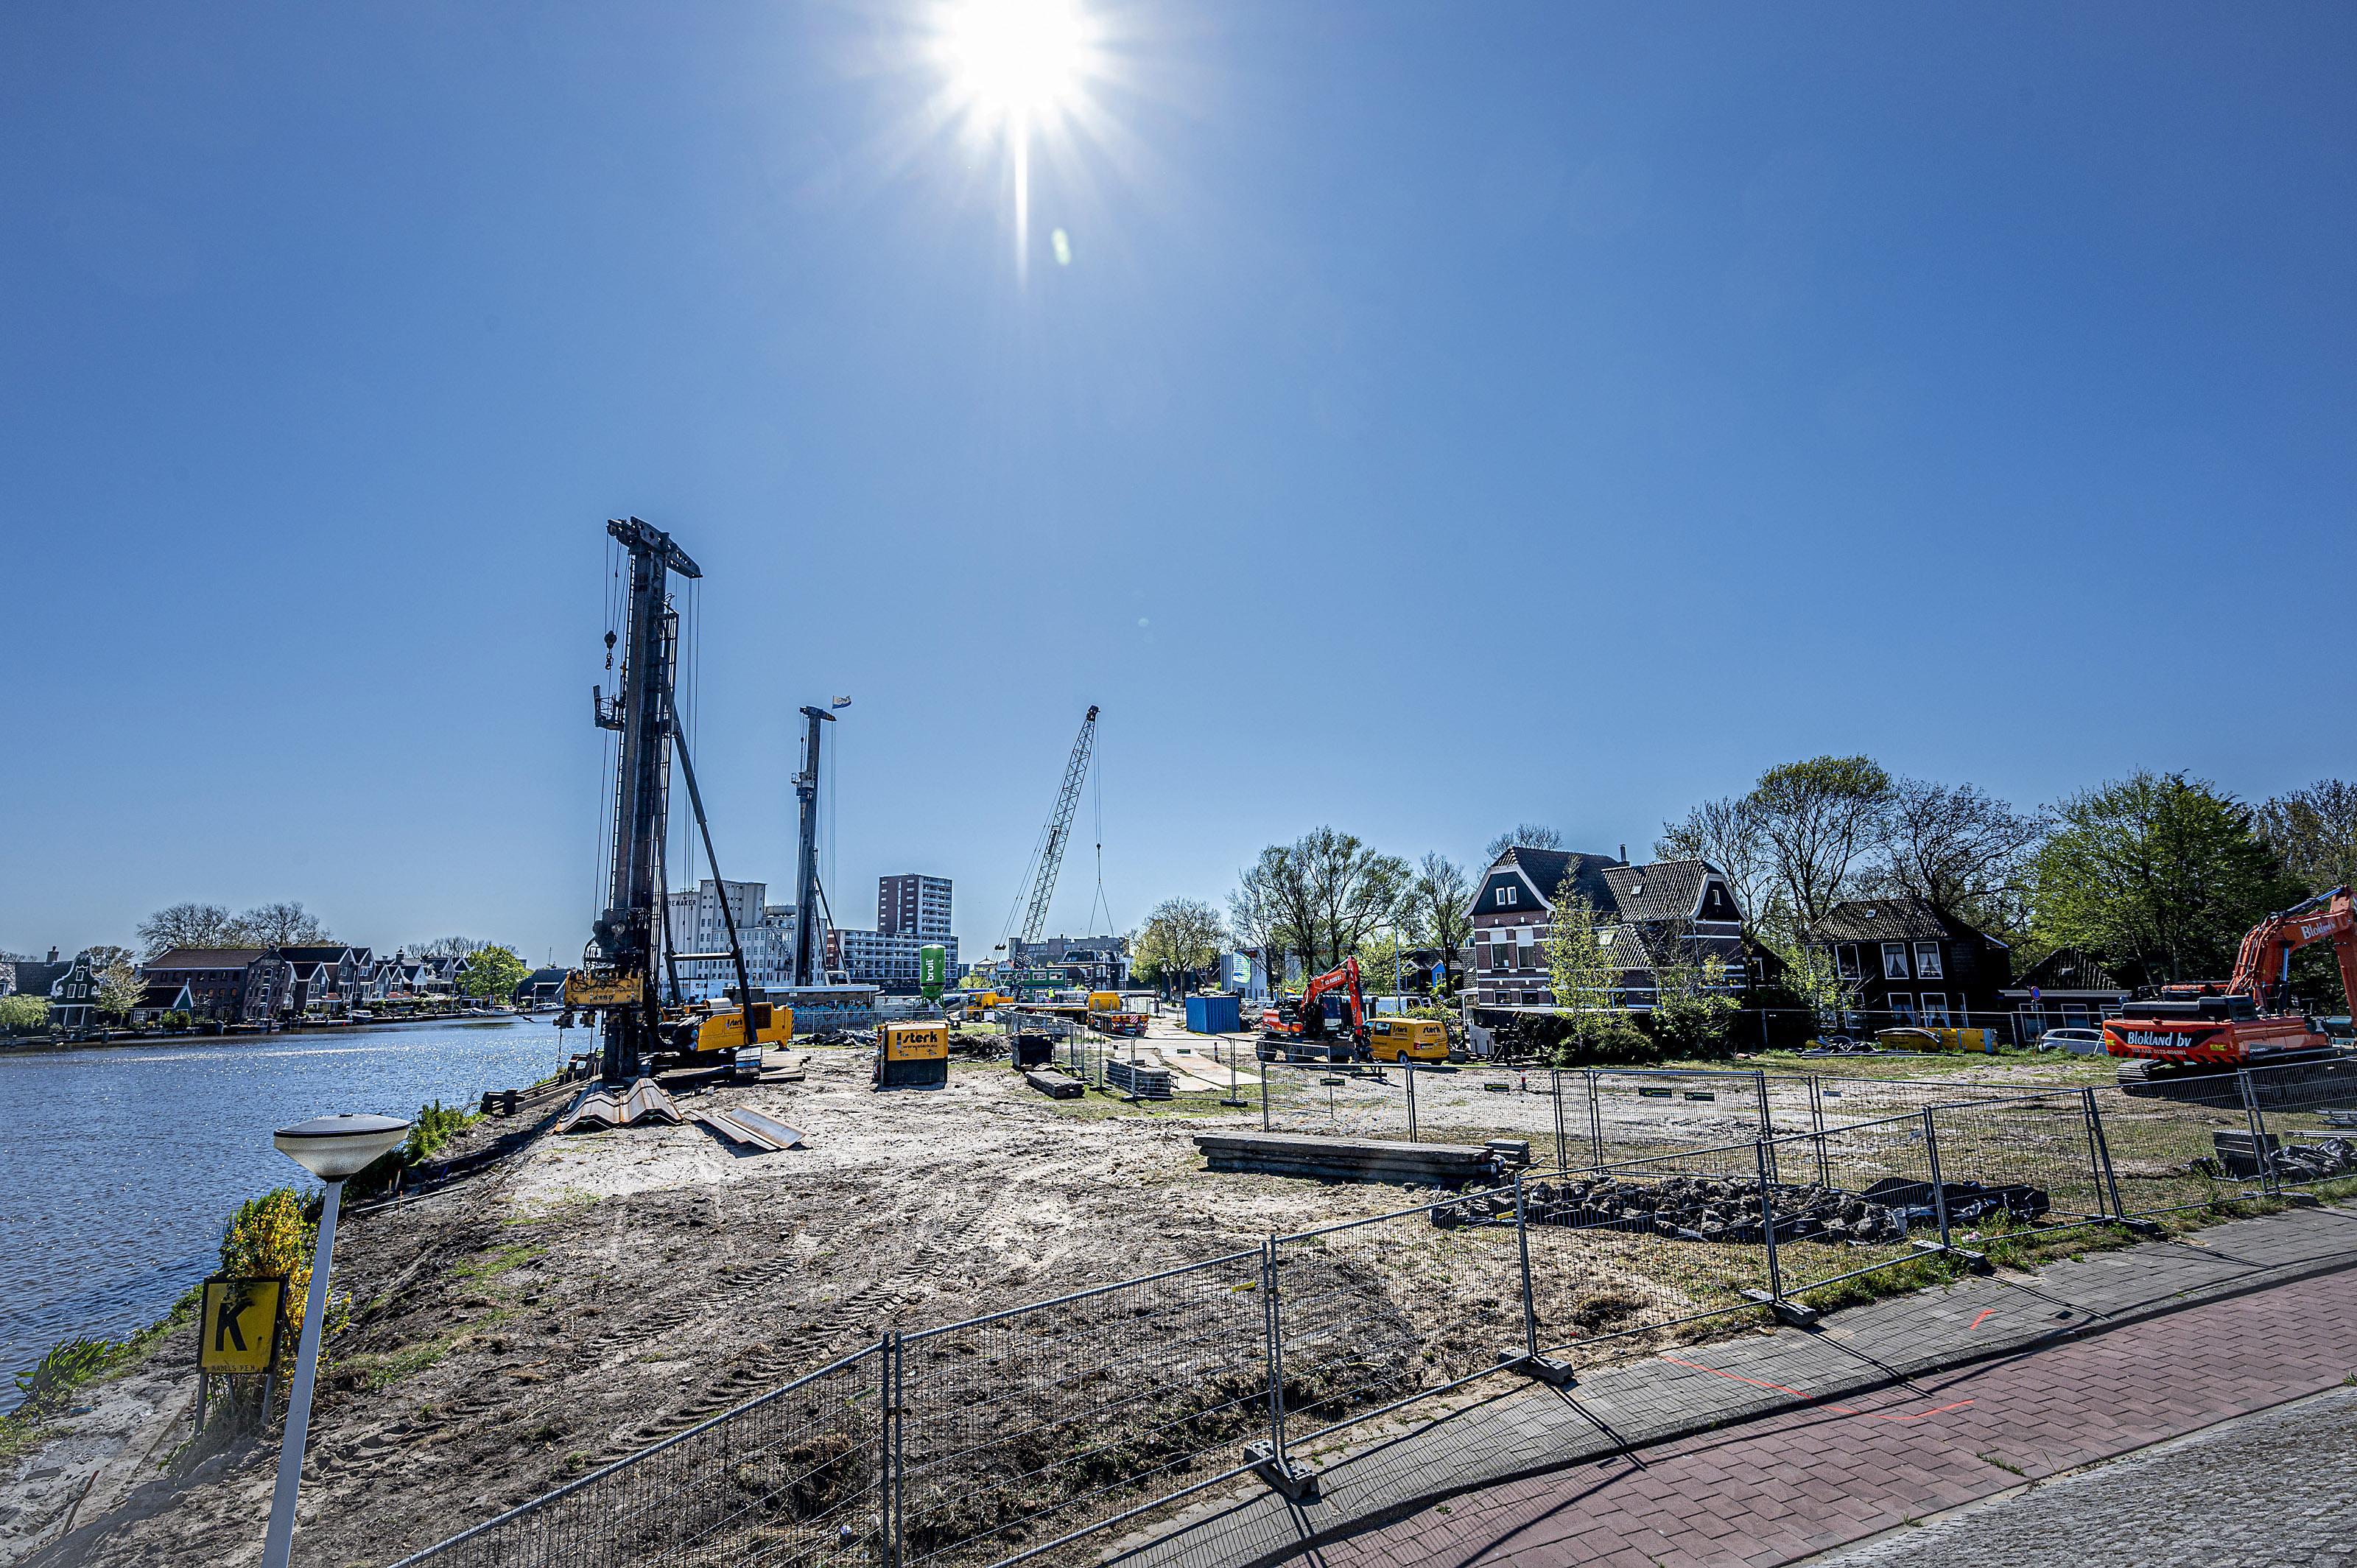 Bouw plan De Industrieel in Zaandam van start onder voorjaarszonnetje, meer nieuwbouwwerken komen 'los'